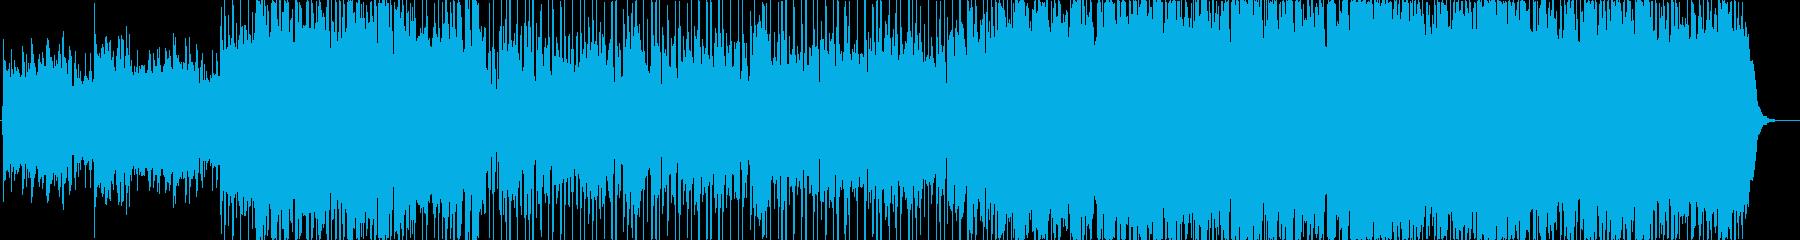 ポップロック 積極的 焦り 劇的な...の再生済みの波形